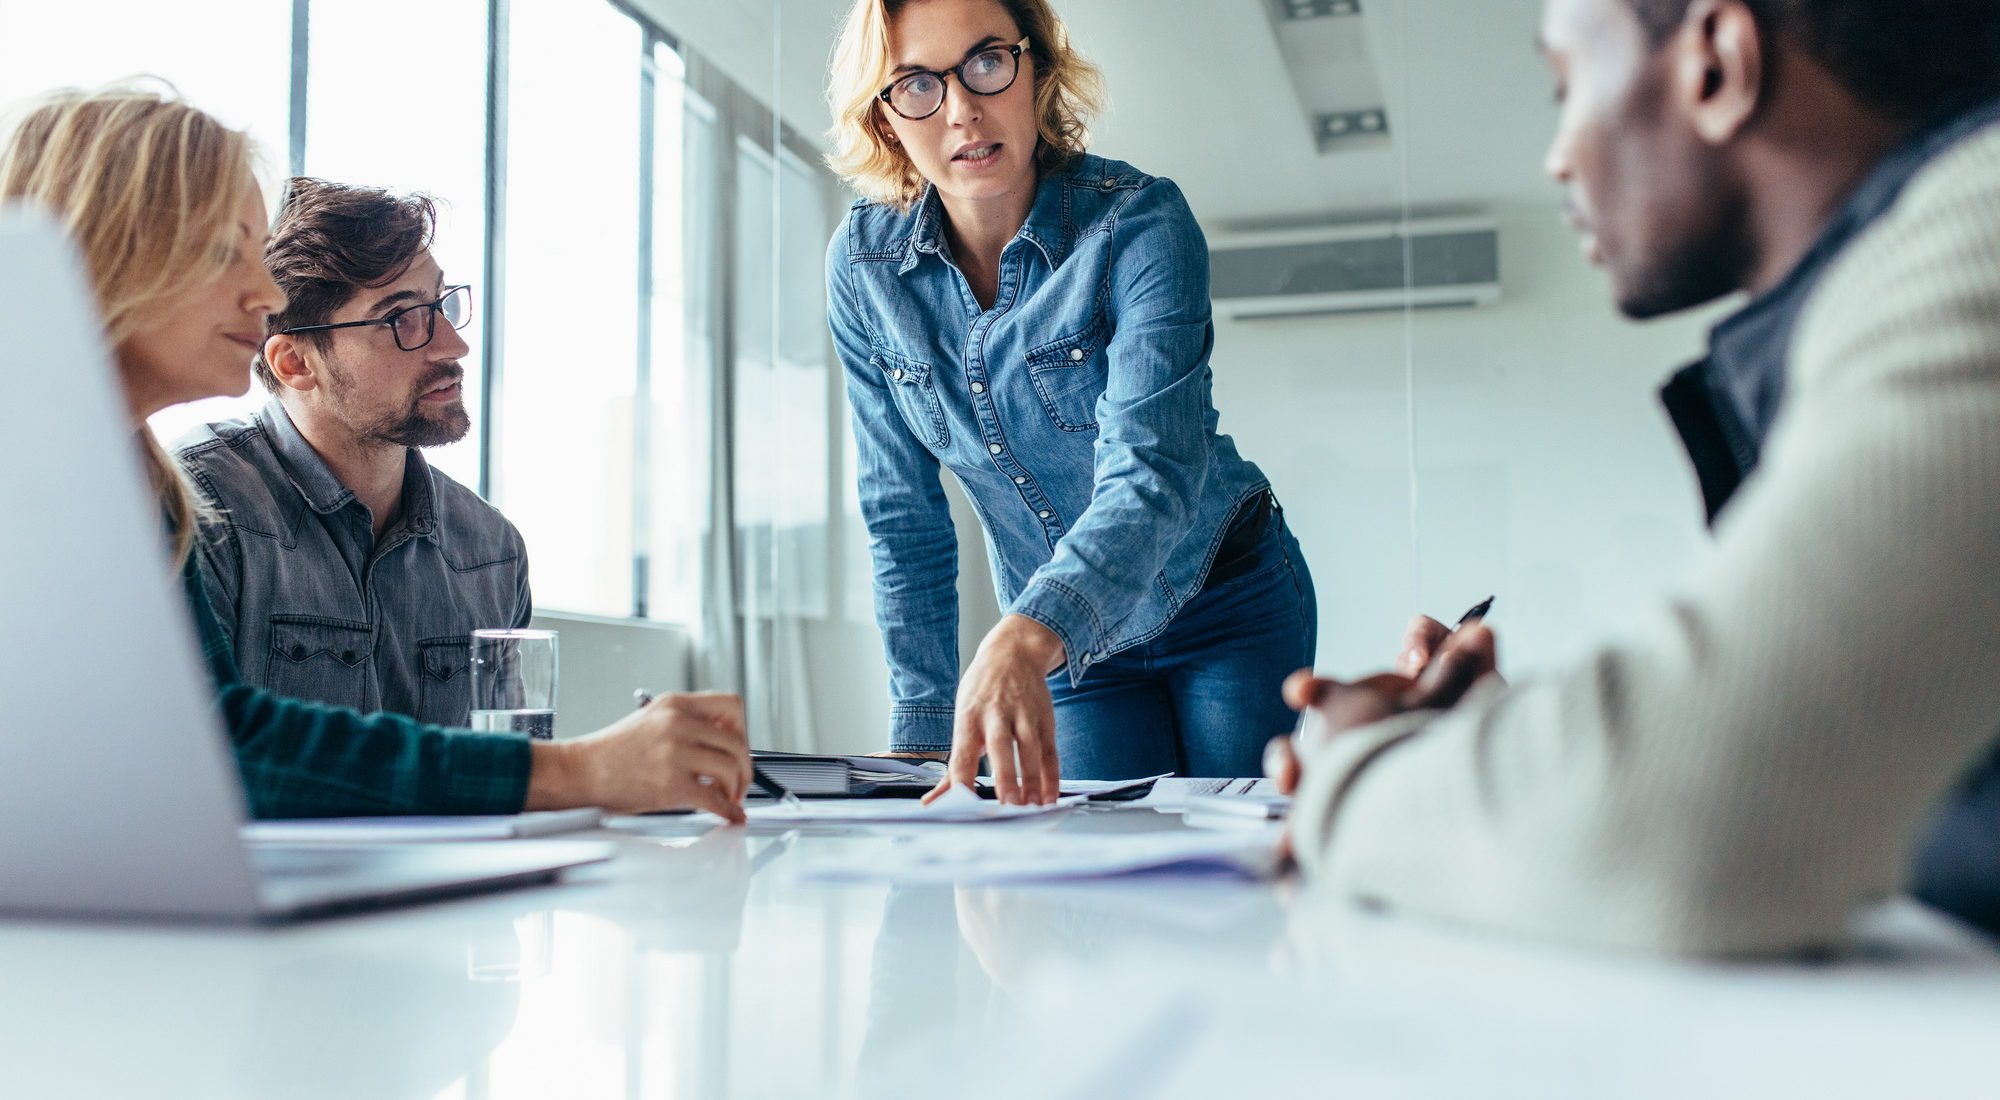 Gespräch mit dem Kunden über Leistungen im externen Rechnungswesen